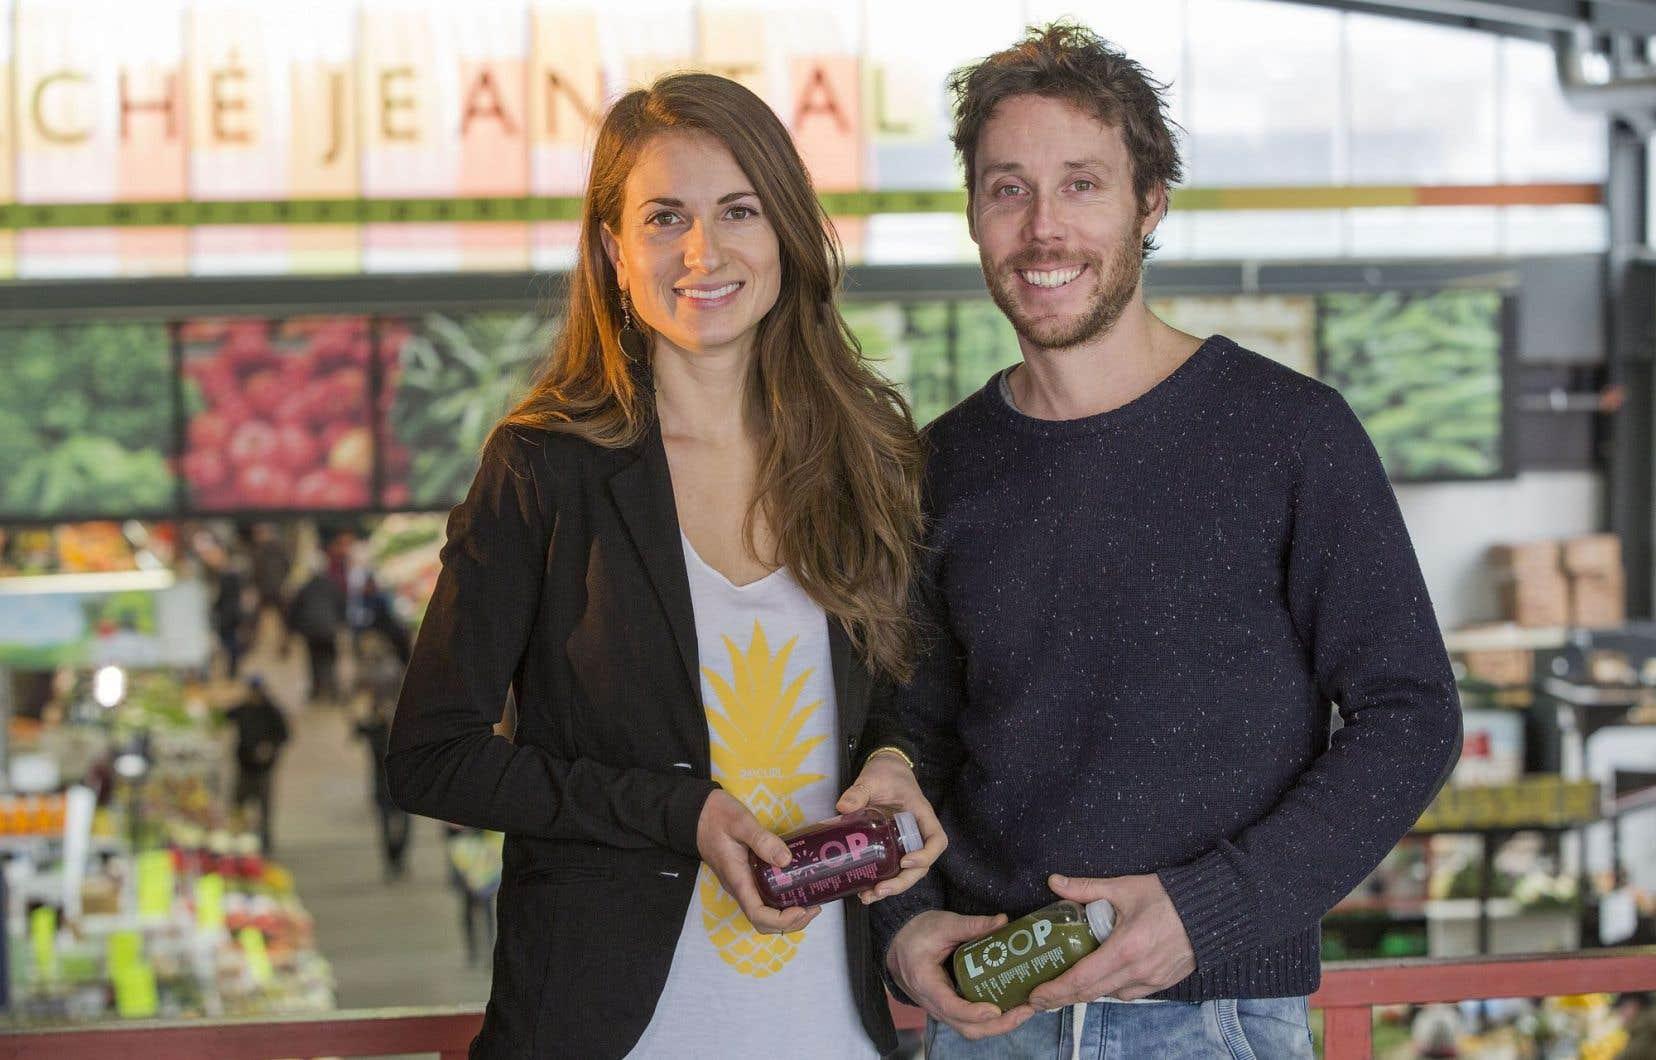 Partenaires en amour et en affaires, Julie Poitras-Saulnier et David Côté ont créé un nouveau modèle d'entreprise en lançant Loop.